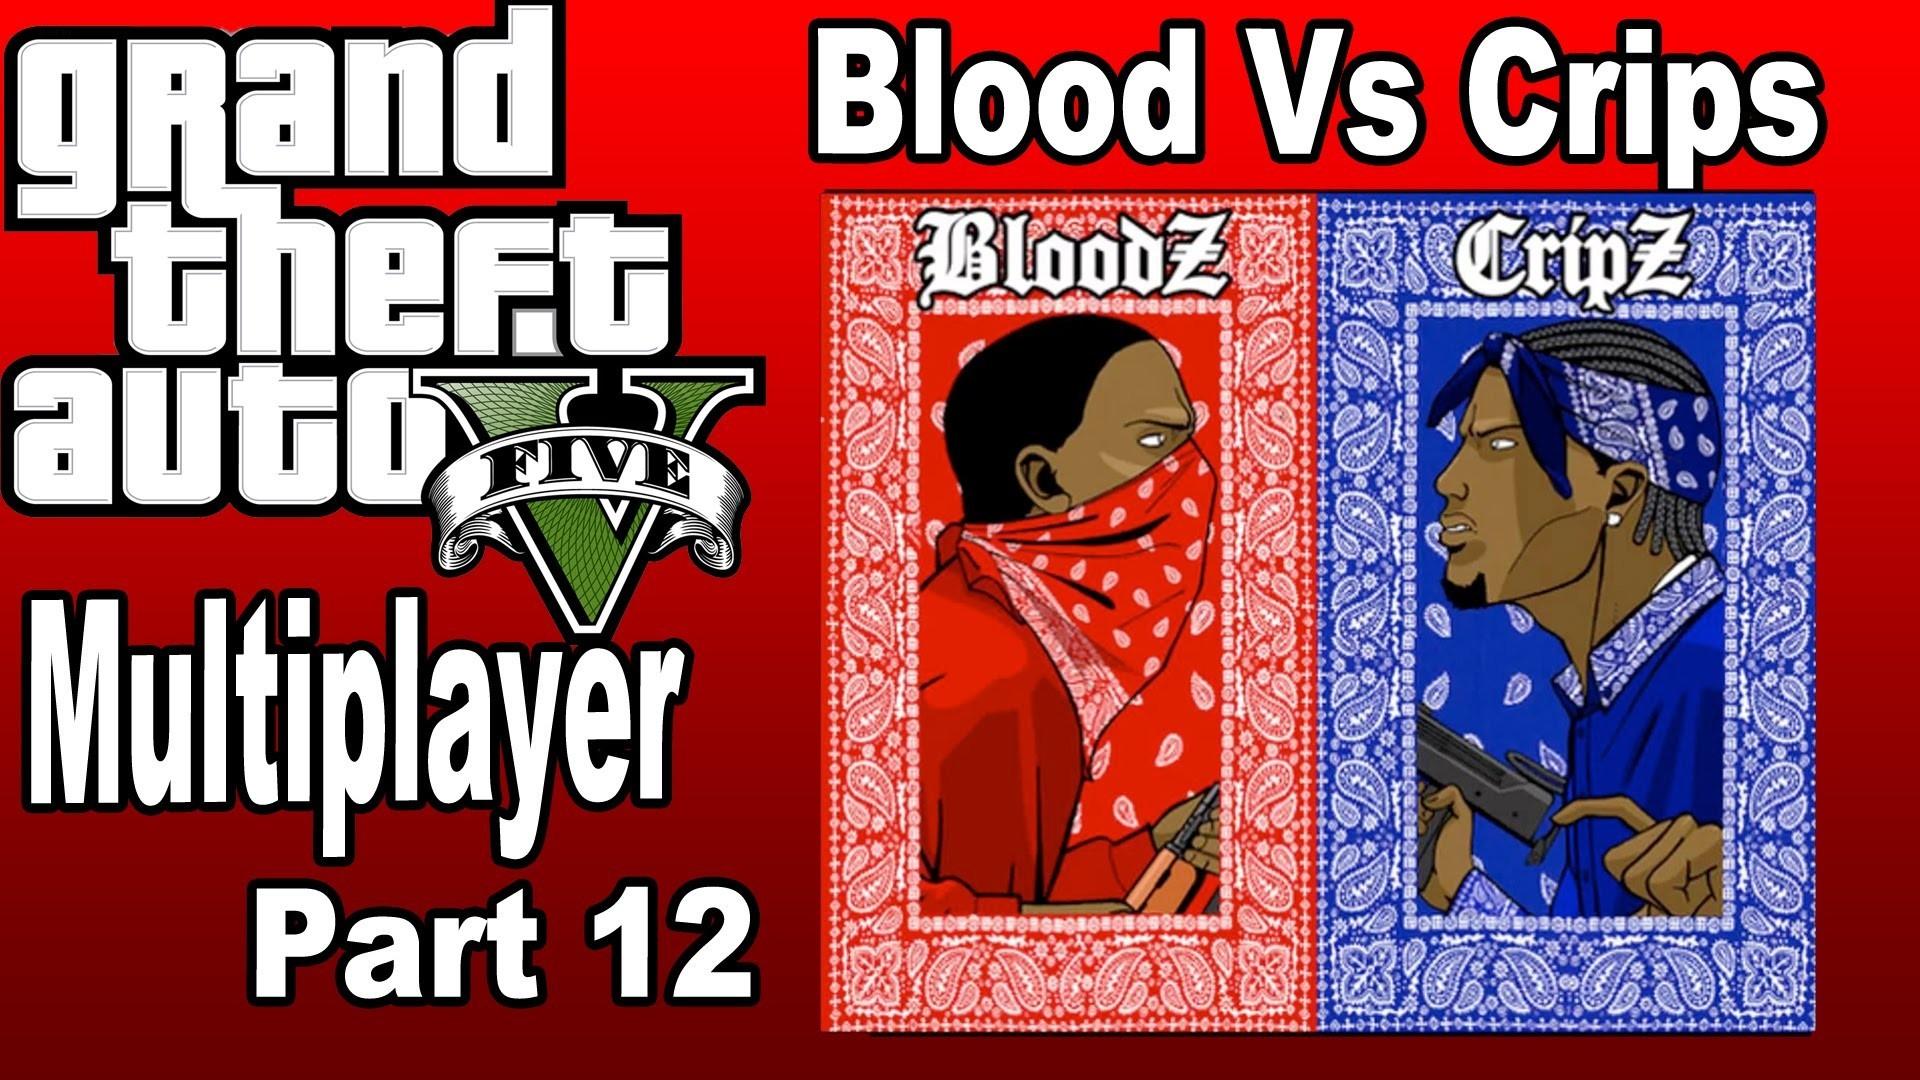 Blood Vs Crips Girl Girl